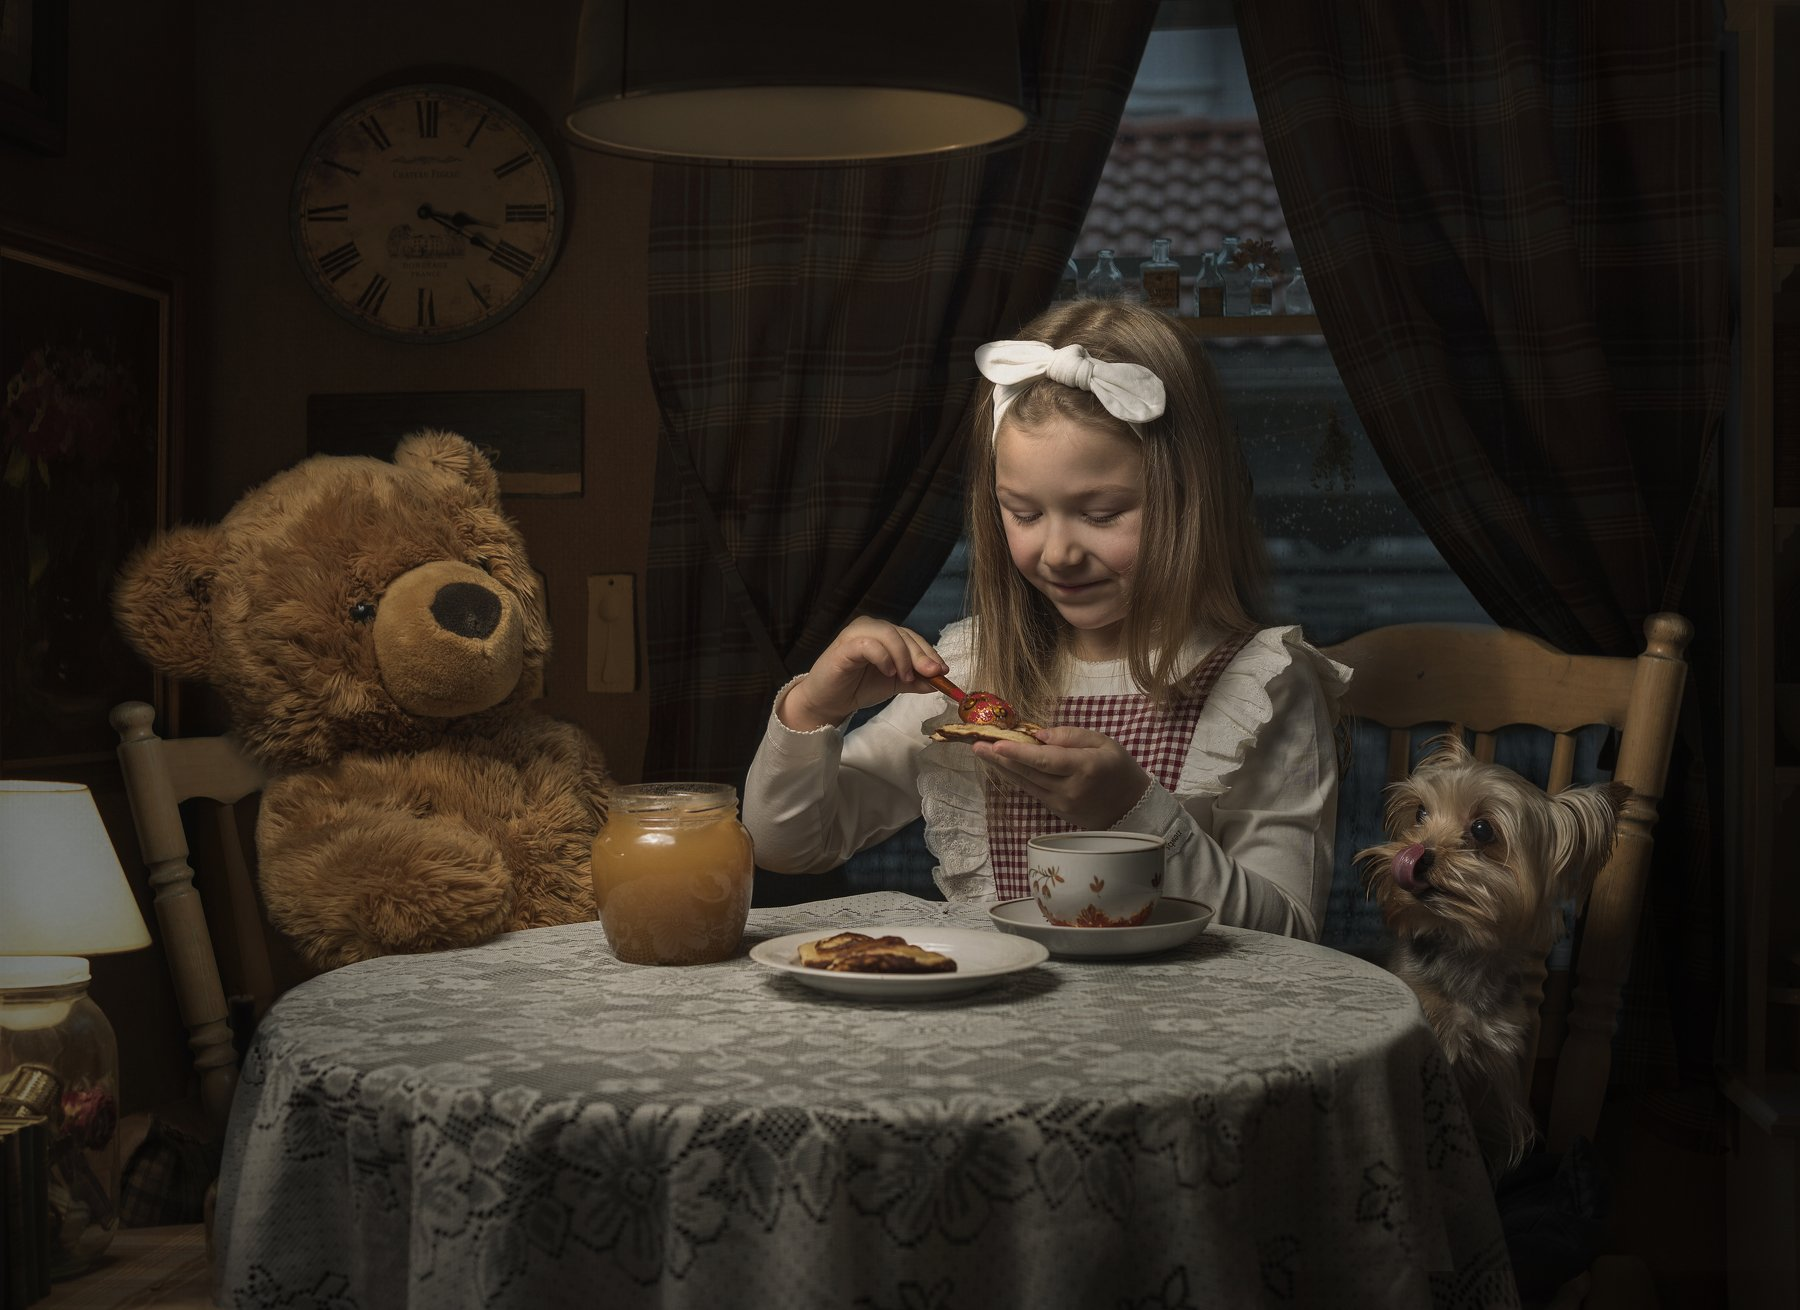 семейная фотография , портрет , собака , жанровый портрет, Kholodova Natalia